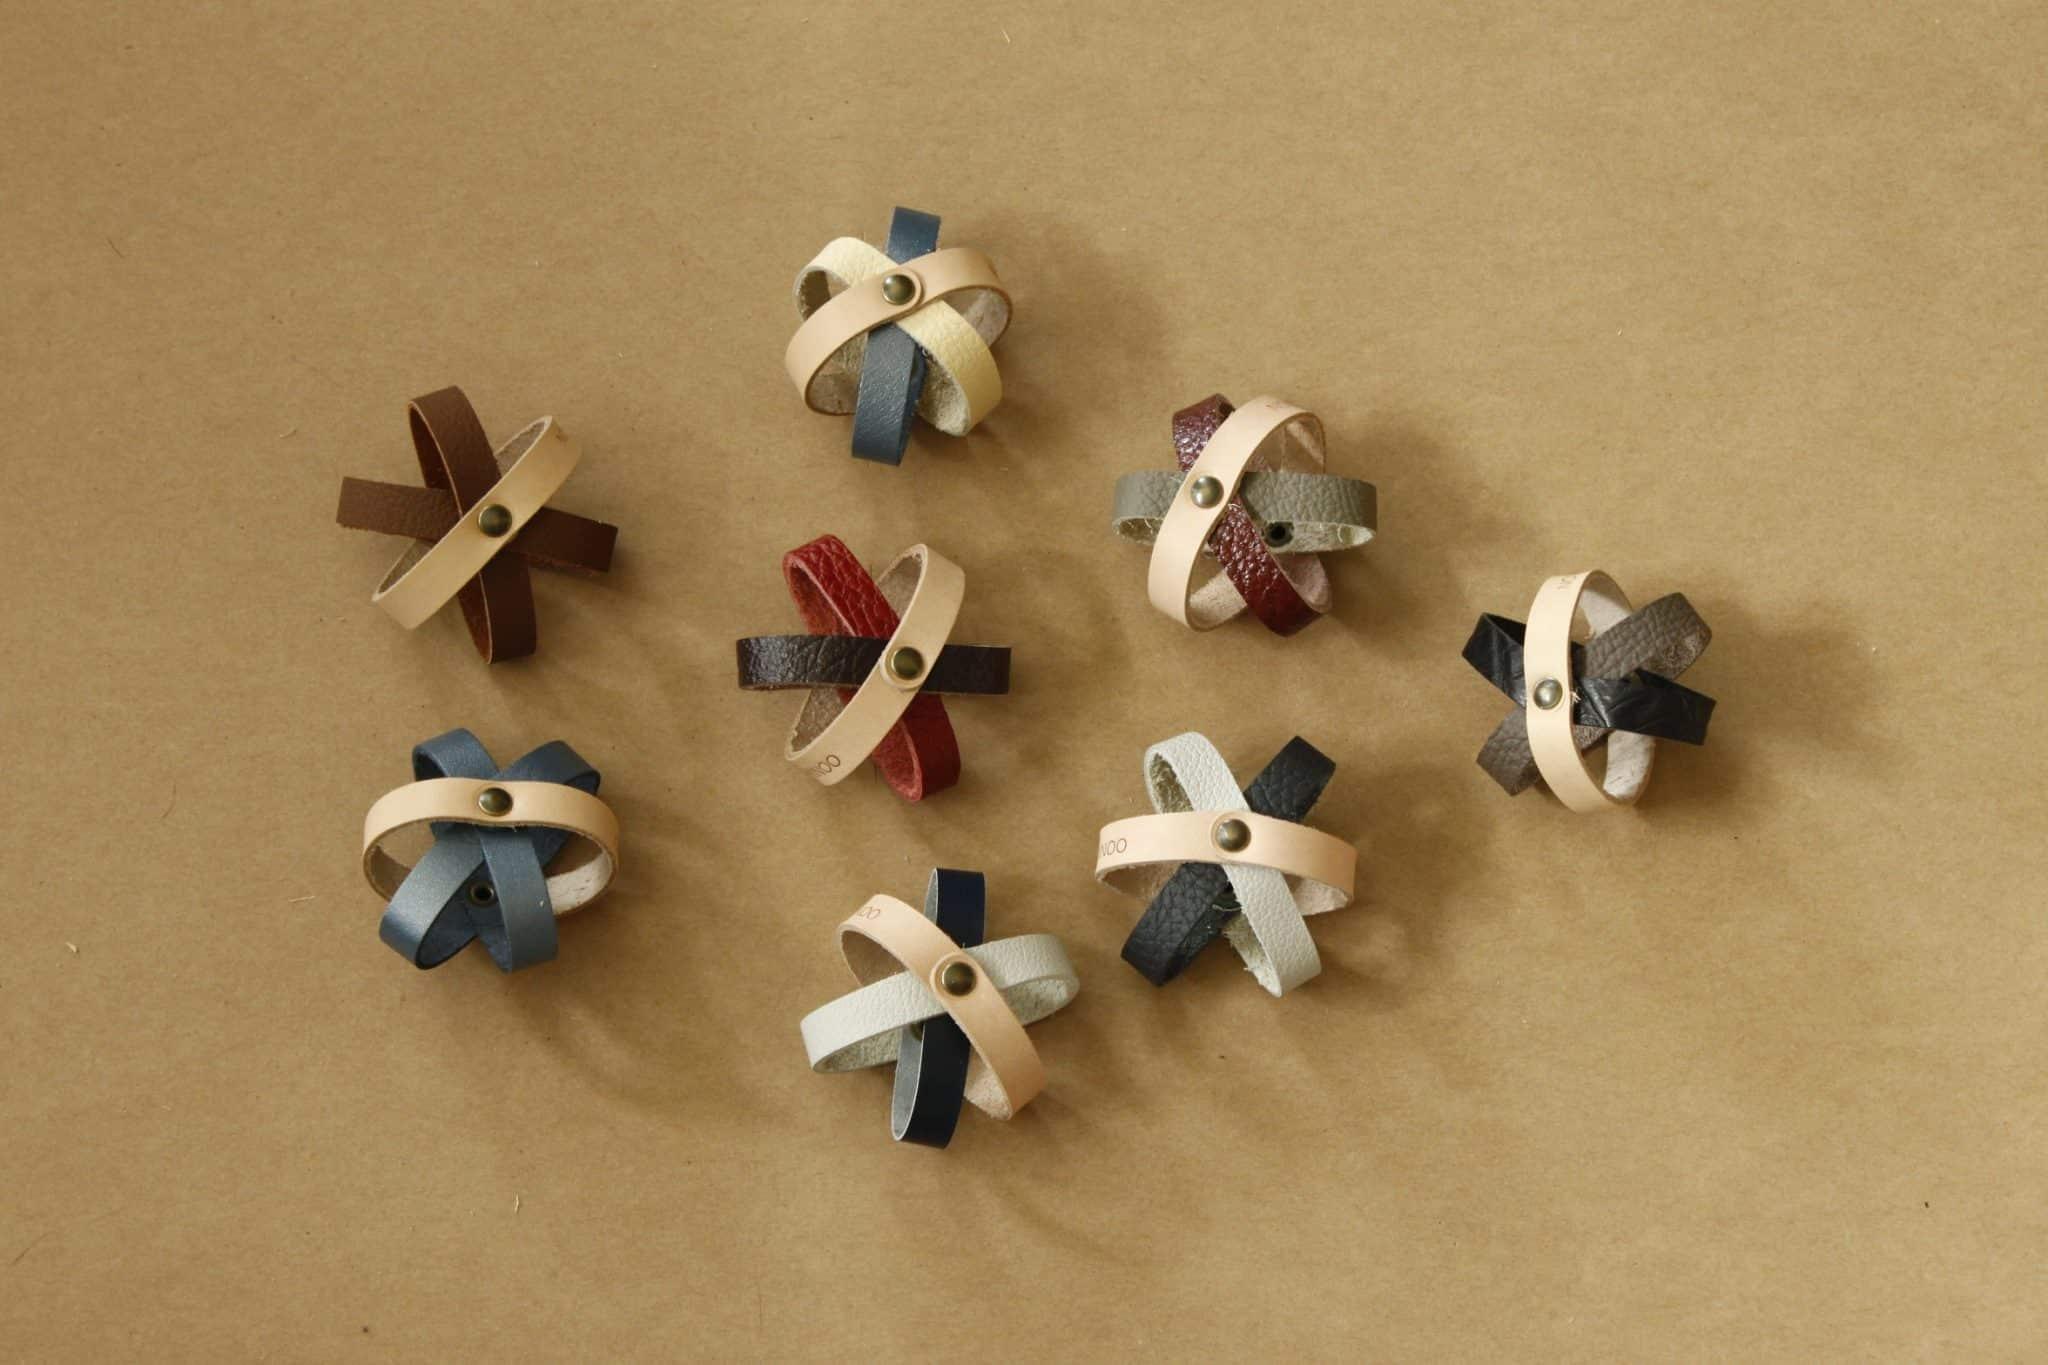 Balloo, une balle qui roule fabriquée à base de chutes de cuir, fait parties des joojoo de la marque d'accessoires pour chats Nominoo